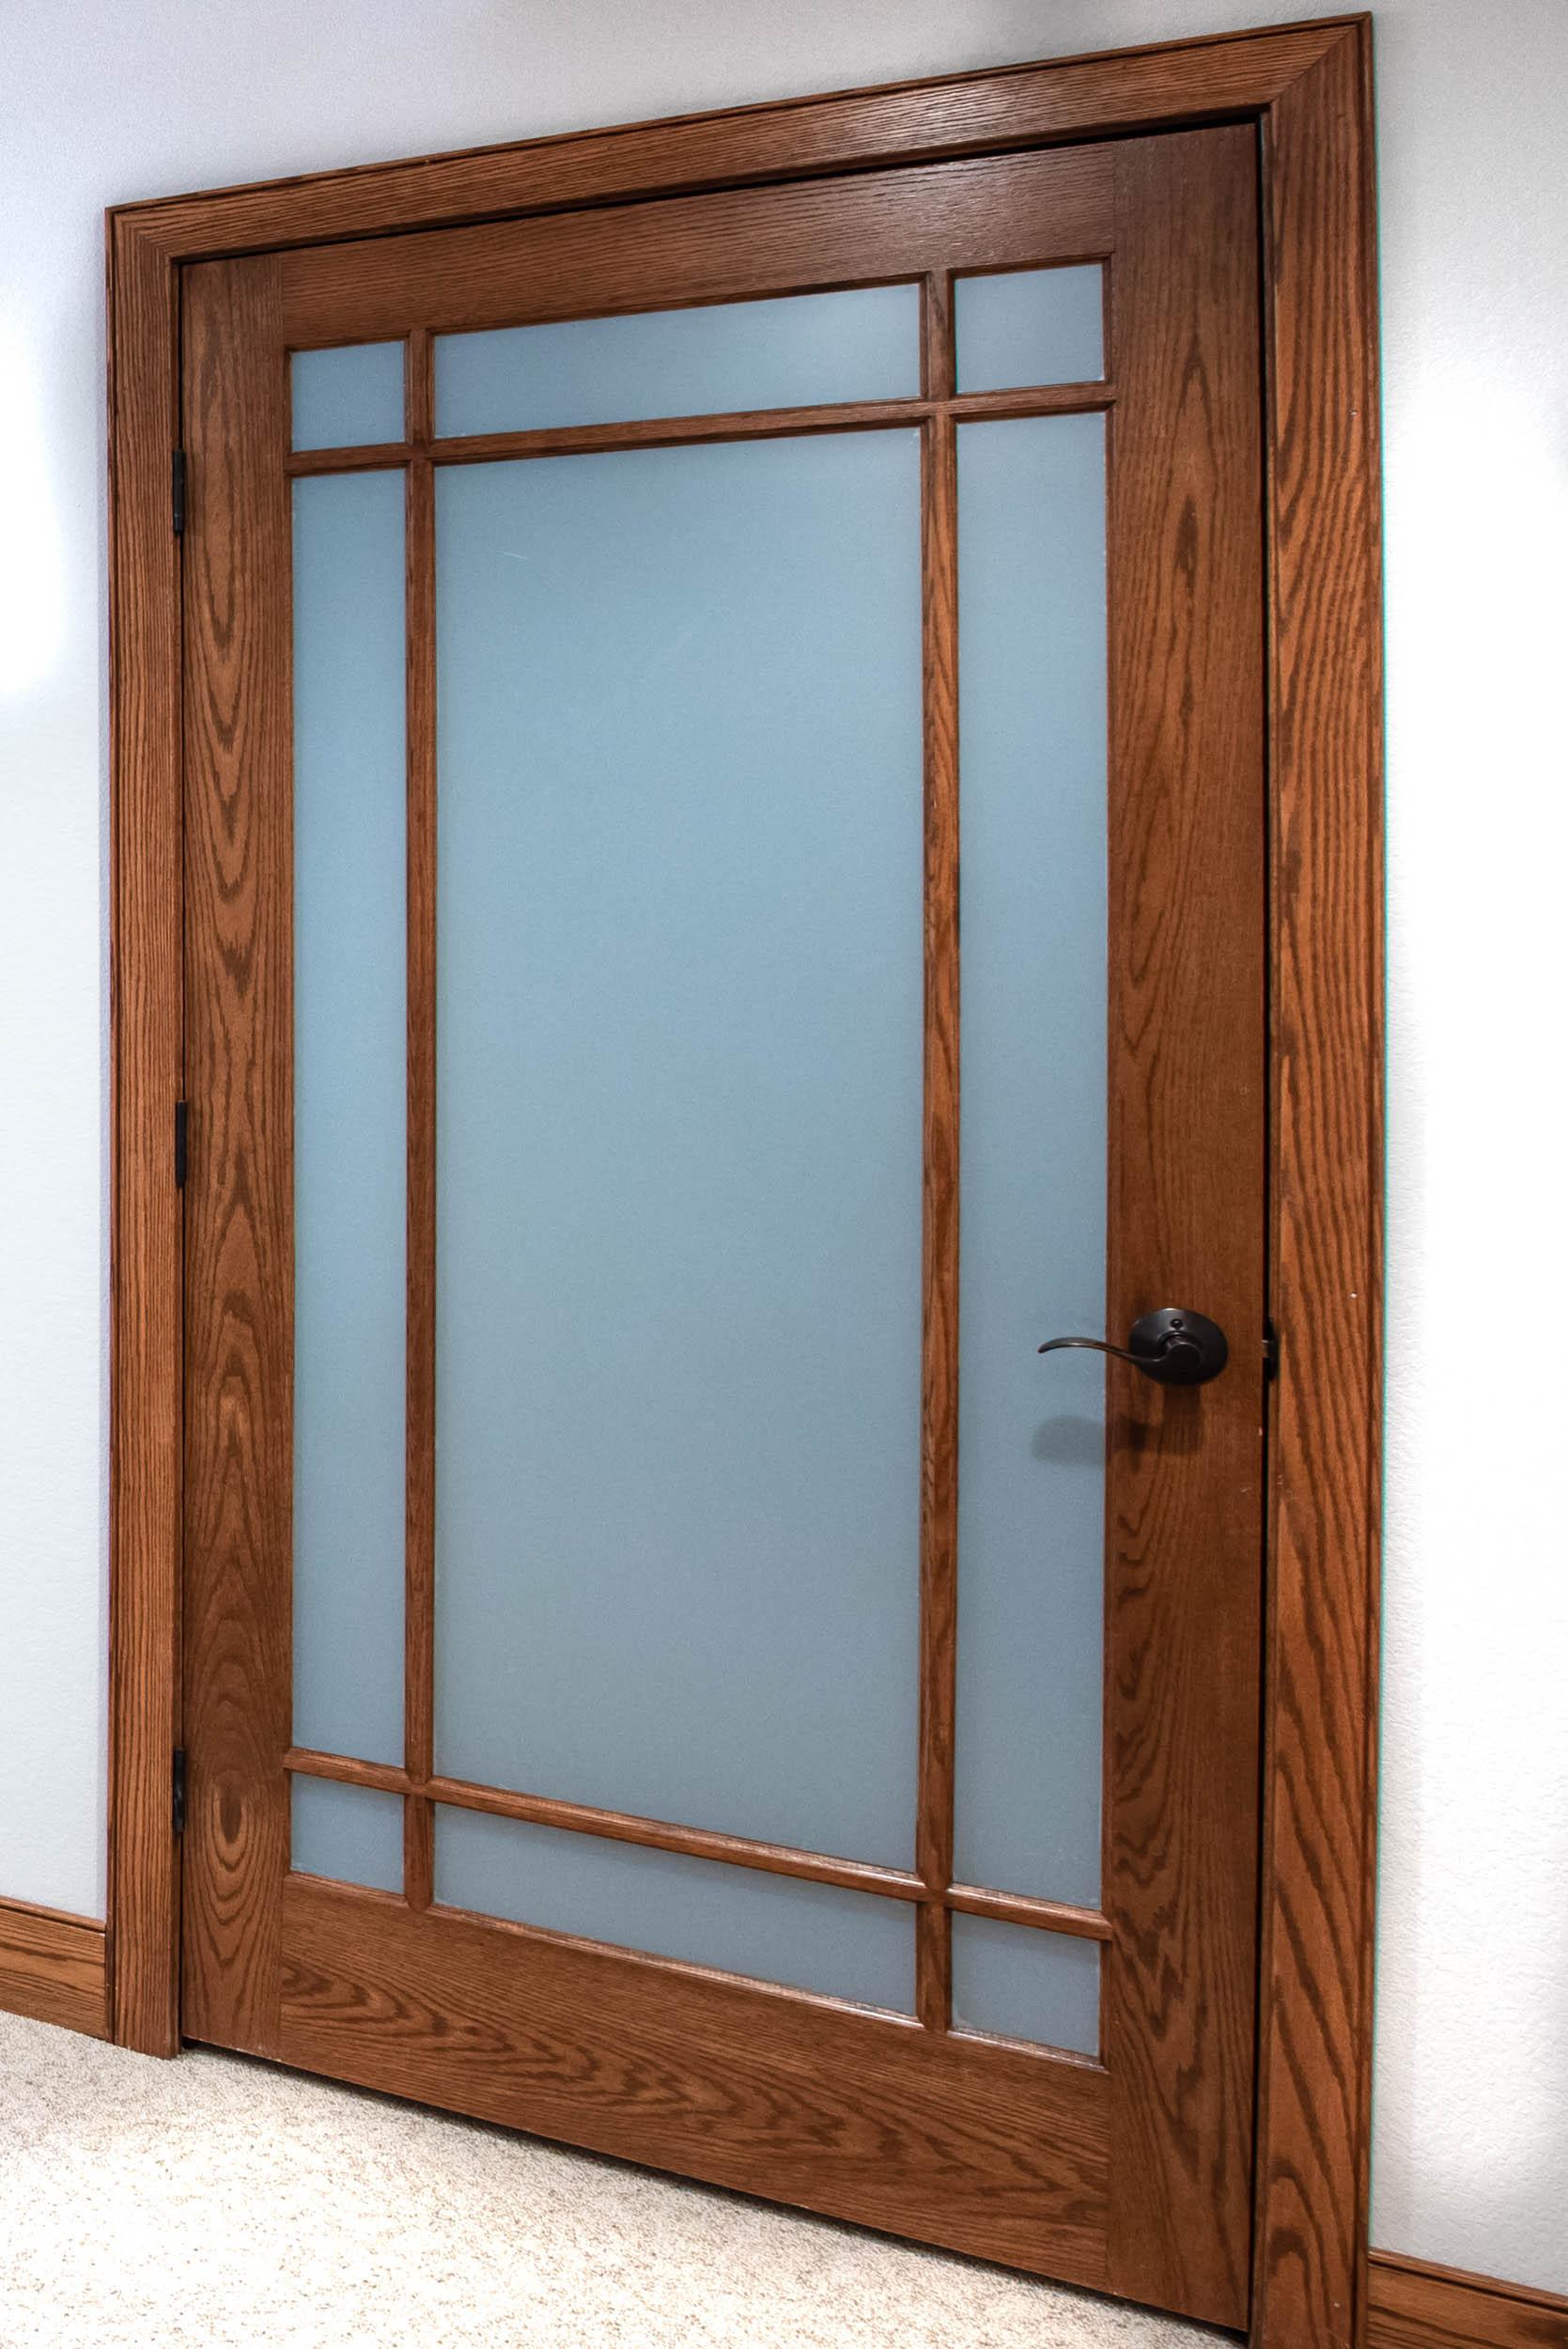 Titel-basement-remodeling-deforest-wi1-4.jpg